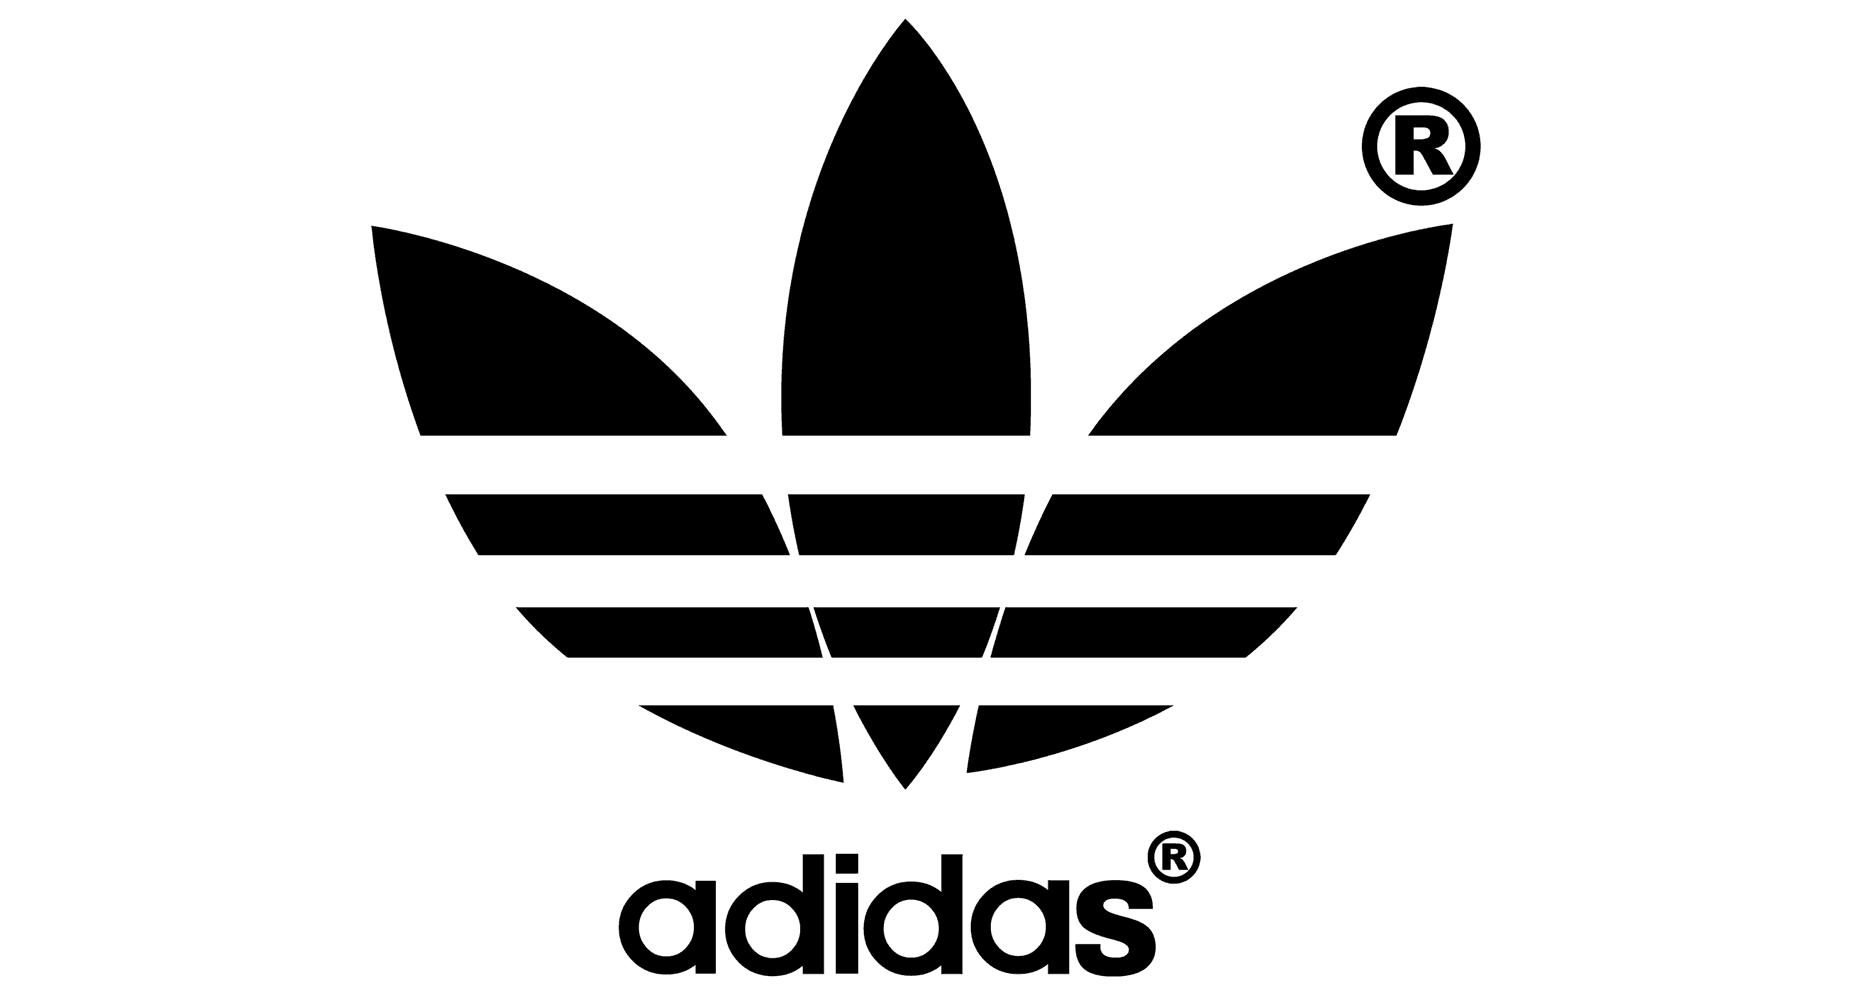 Adidas : la marque aux 3 bandes